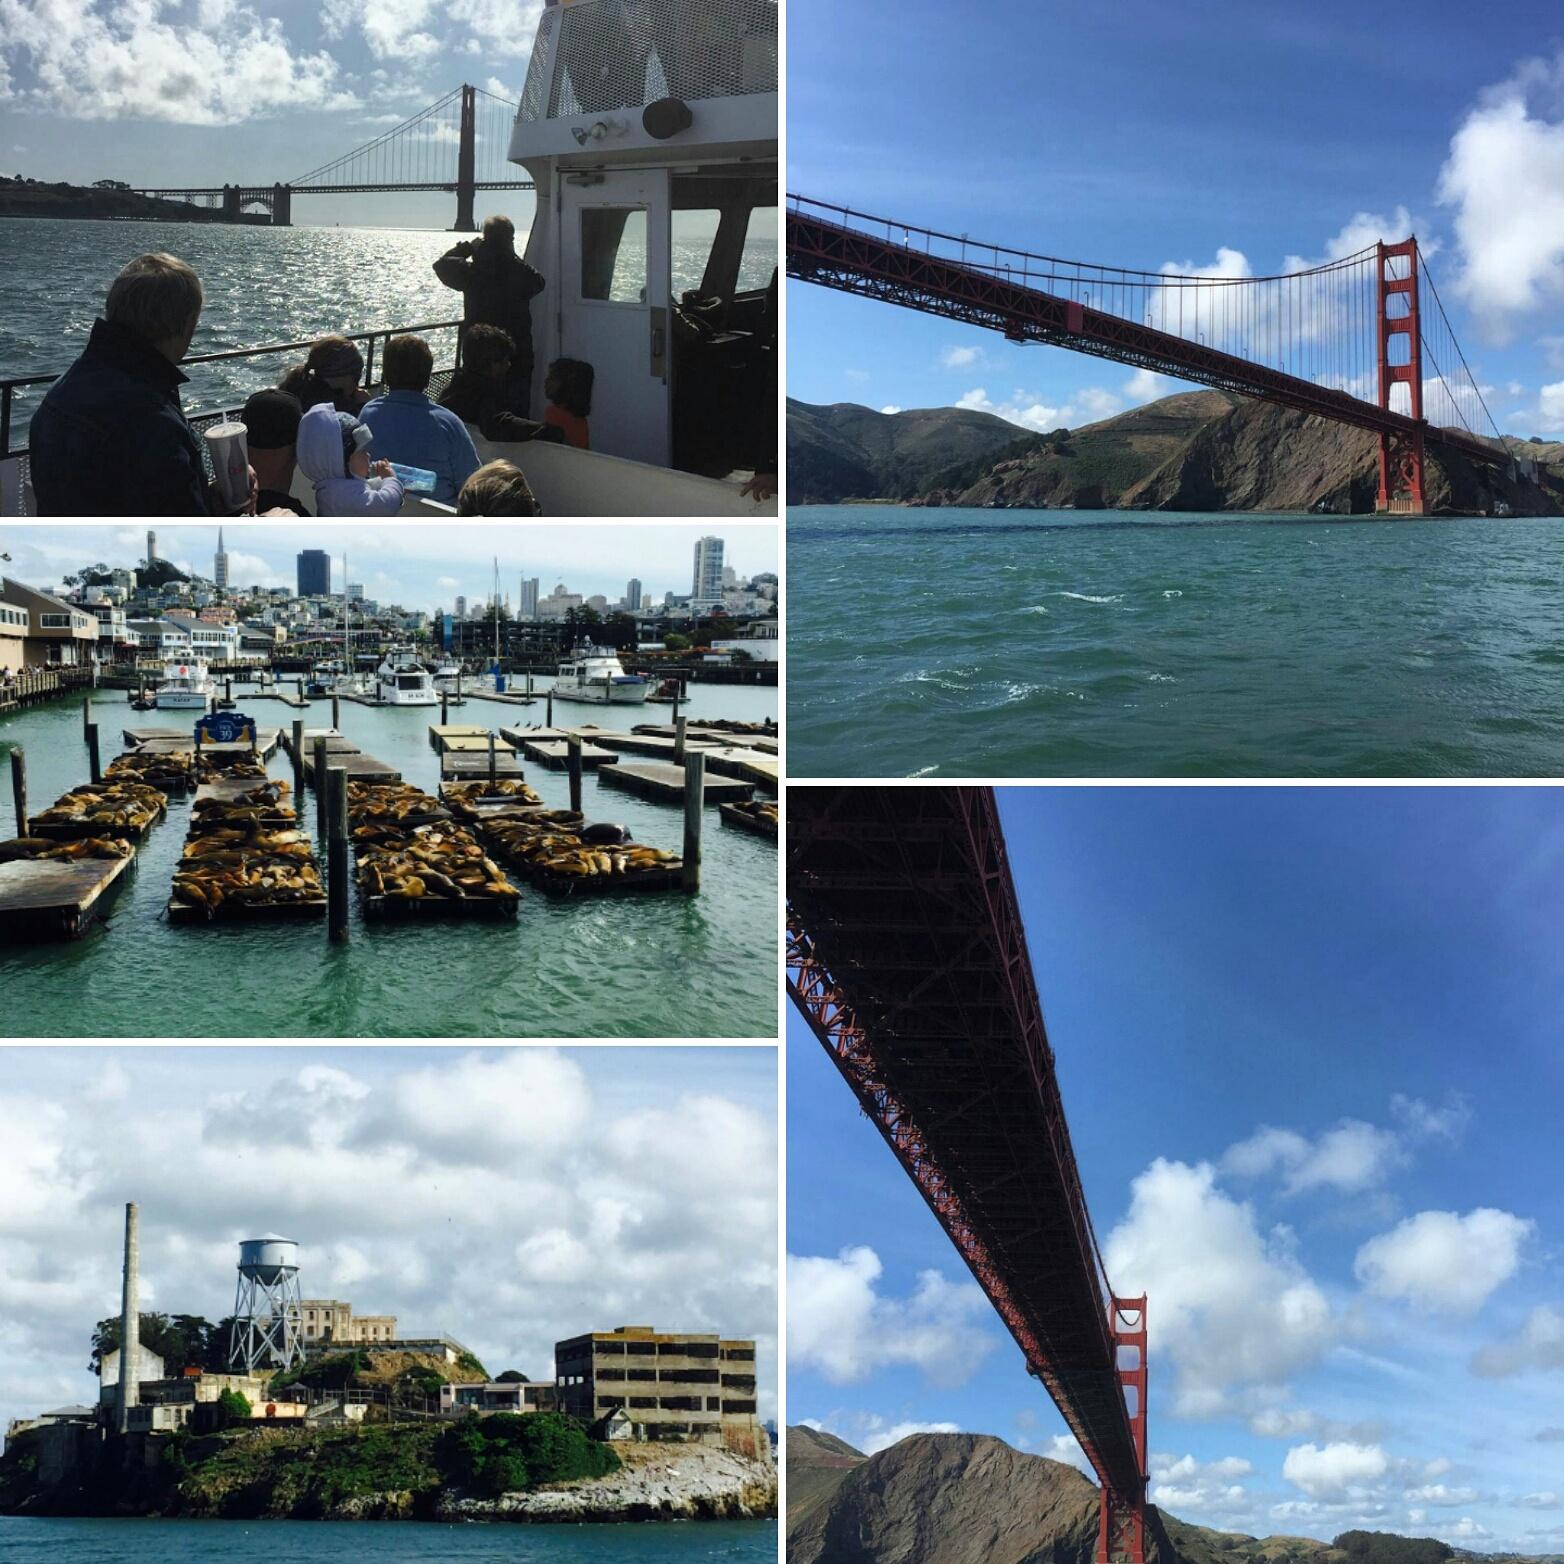 Turas laivu po San Francisko ilanką. Valdemaro nuotr.